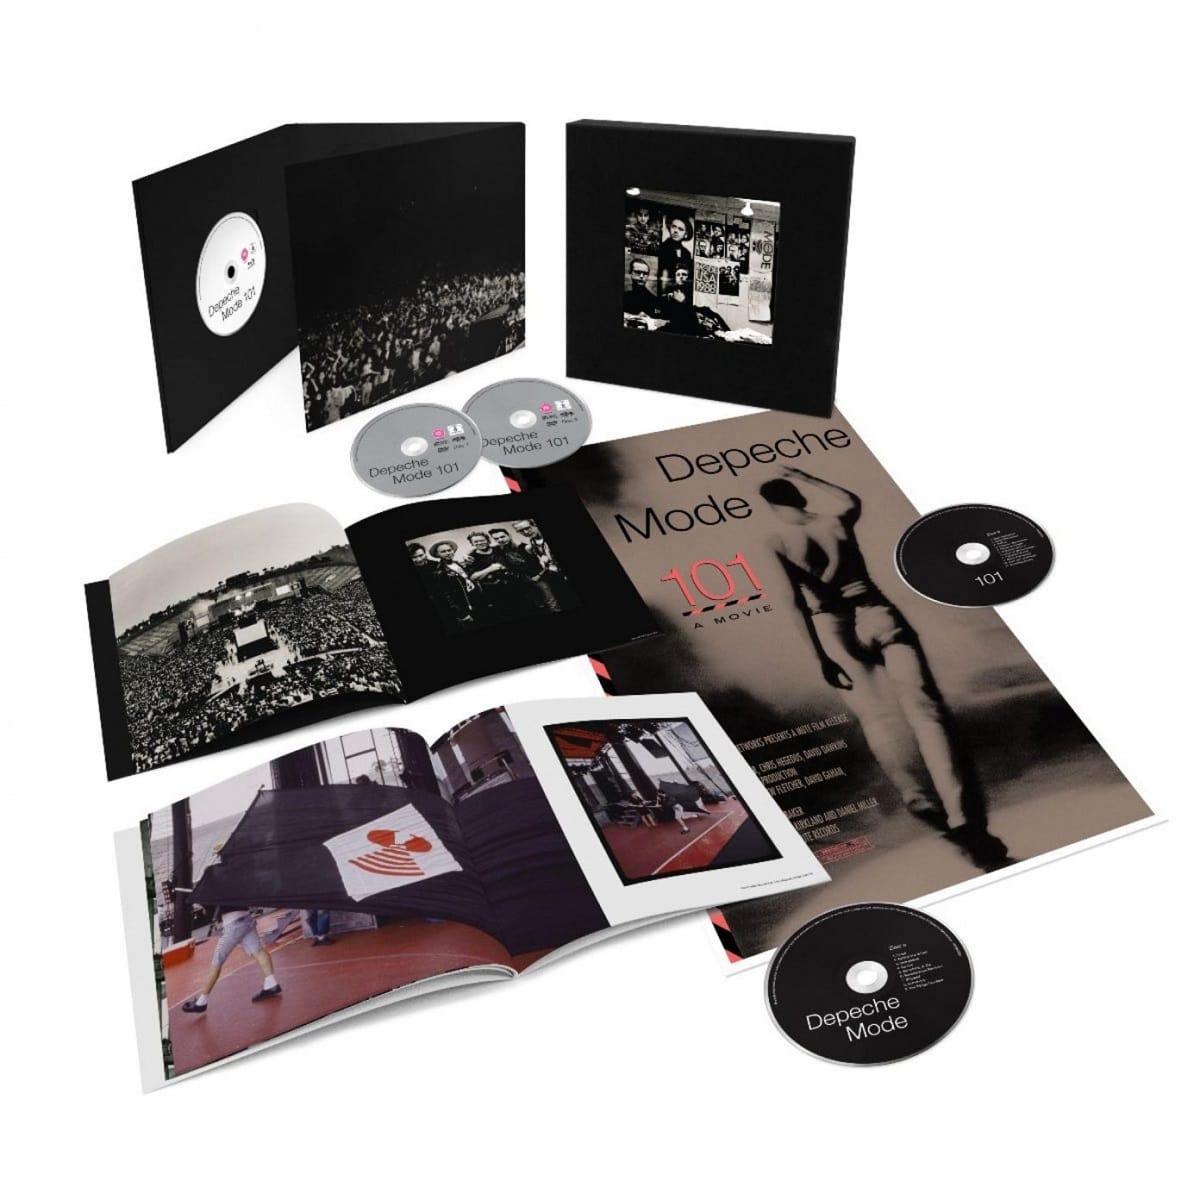 Depeche Mode 101 llegará en un box set muy especial para fanáticos.